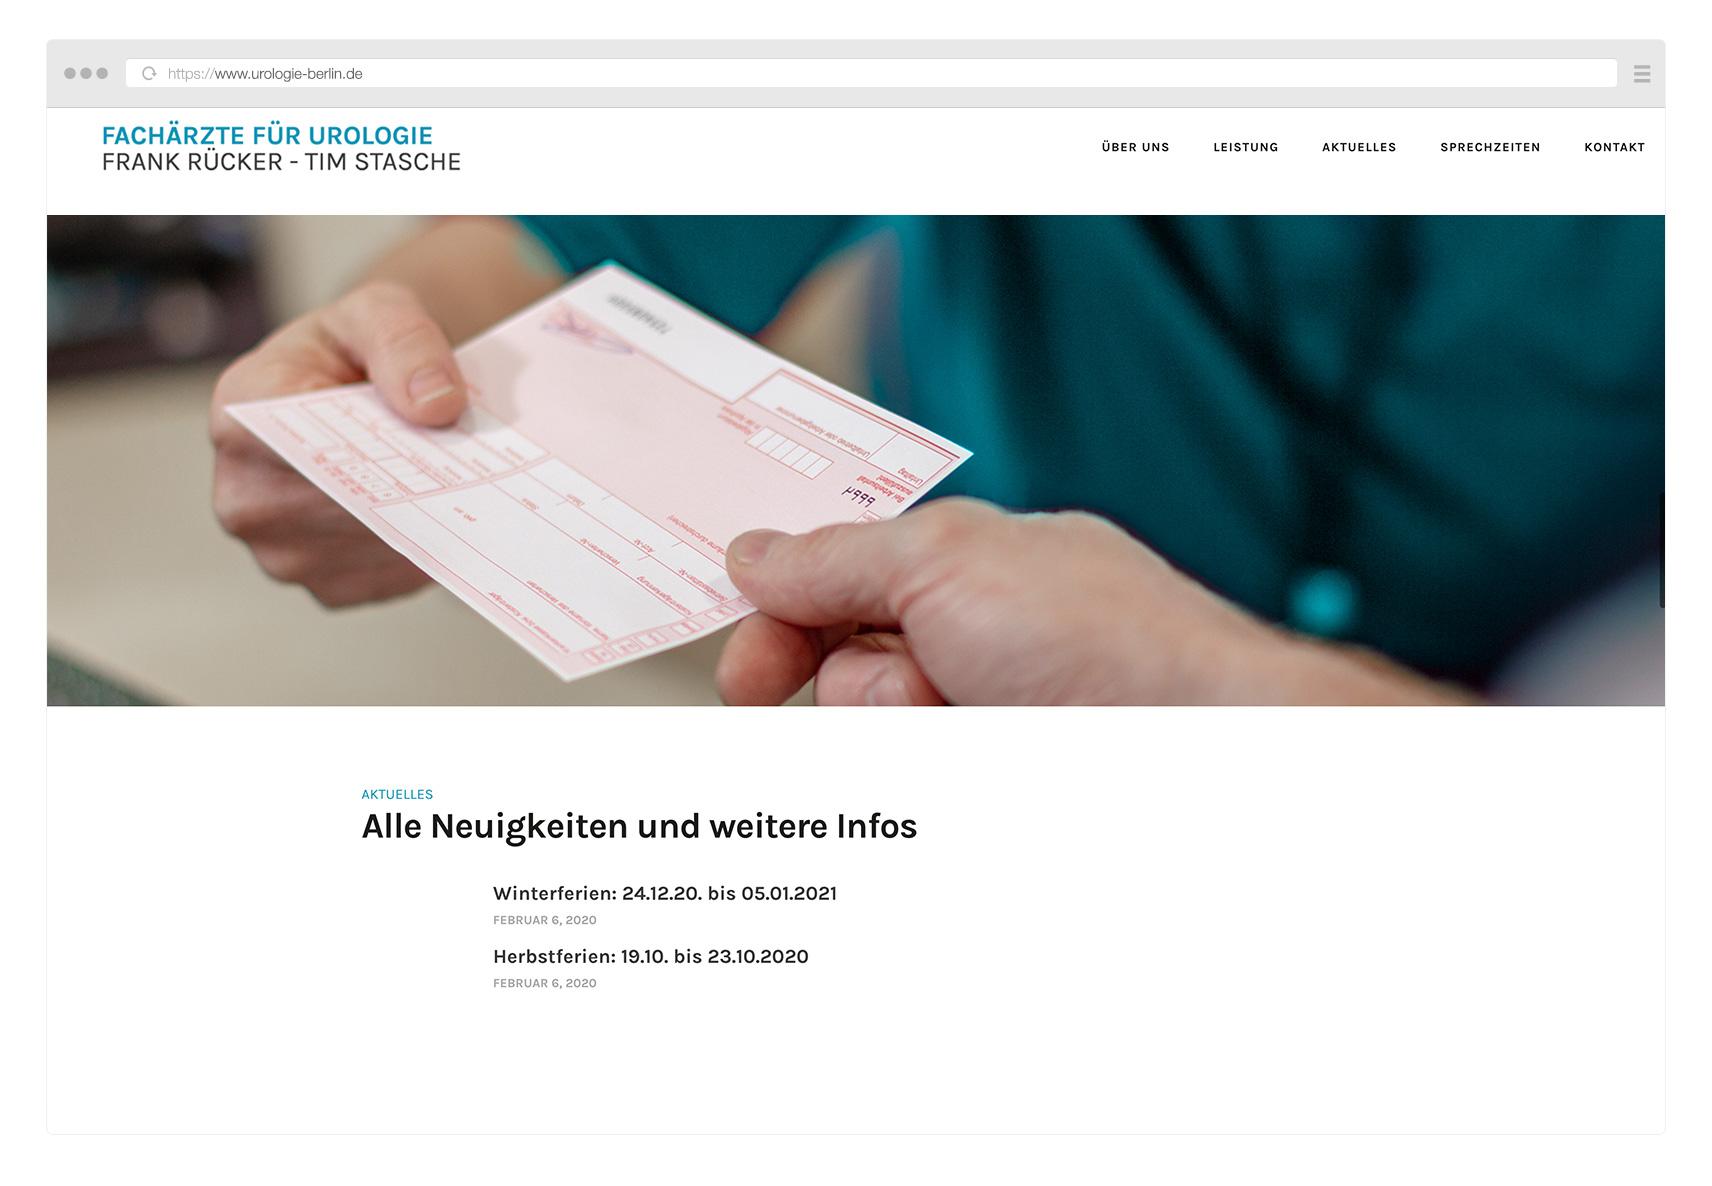 Urologie-Berlin_Frank_Rücker_Website_Blog